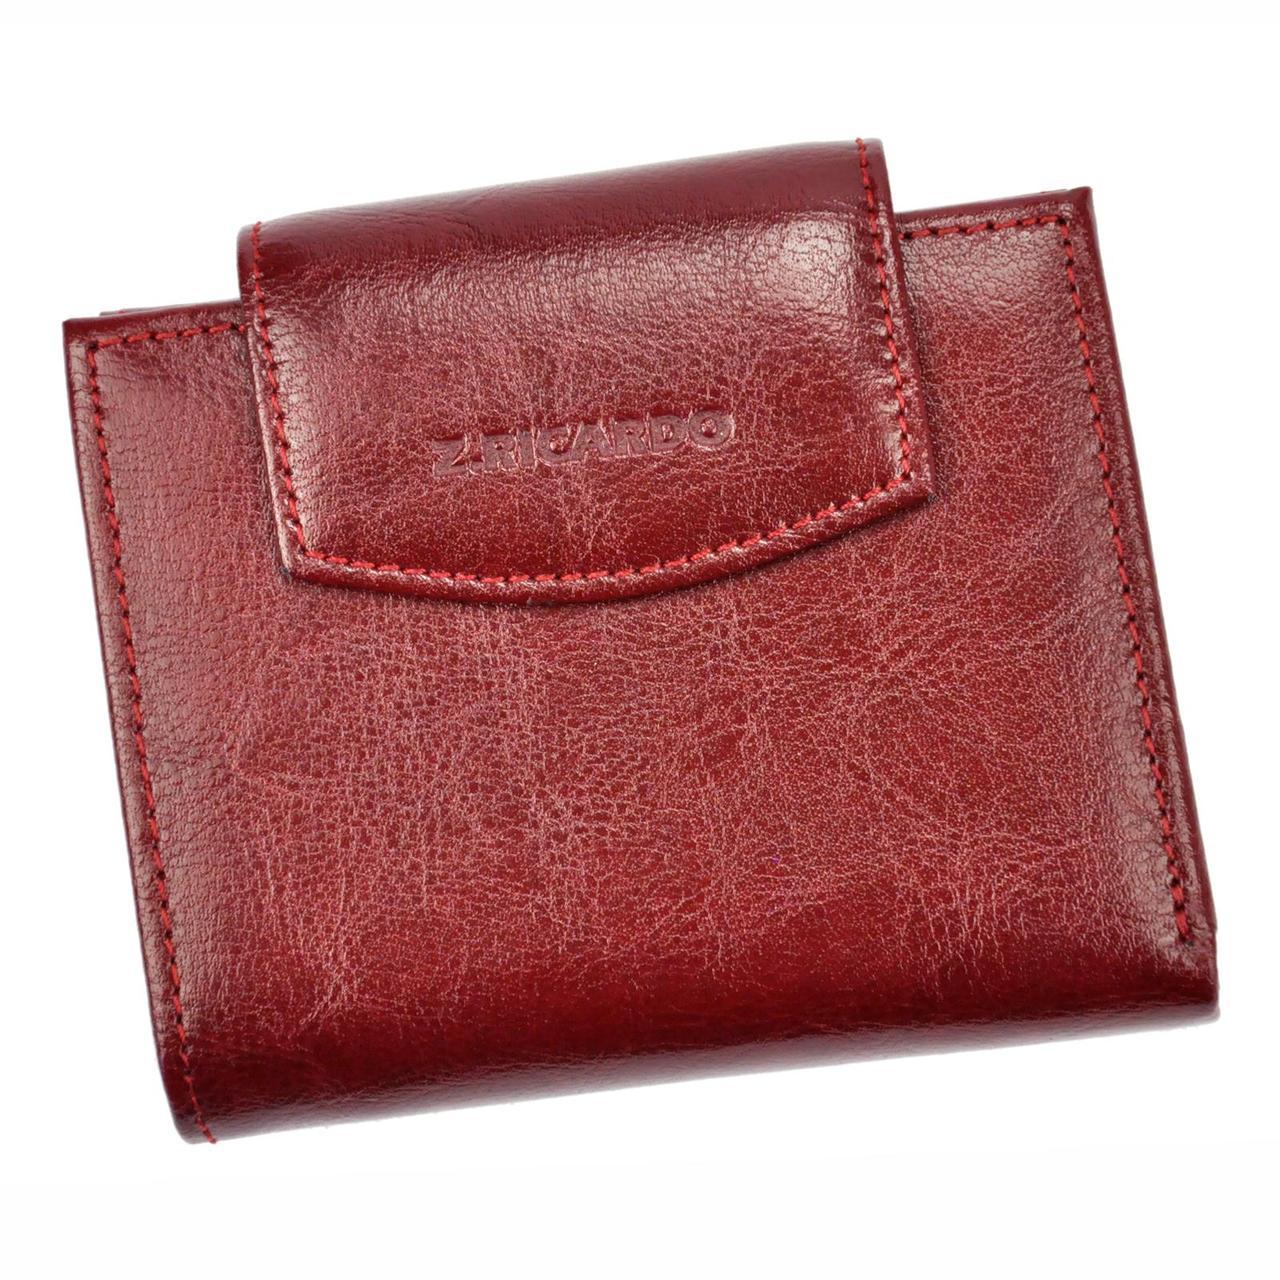 Жіночий шкіряний гаманець Z. Ricardo 018 Бордовий